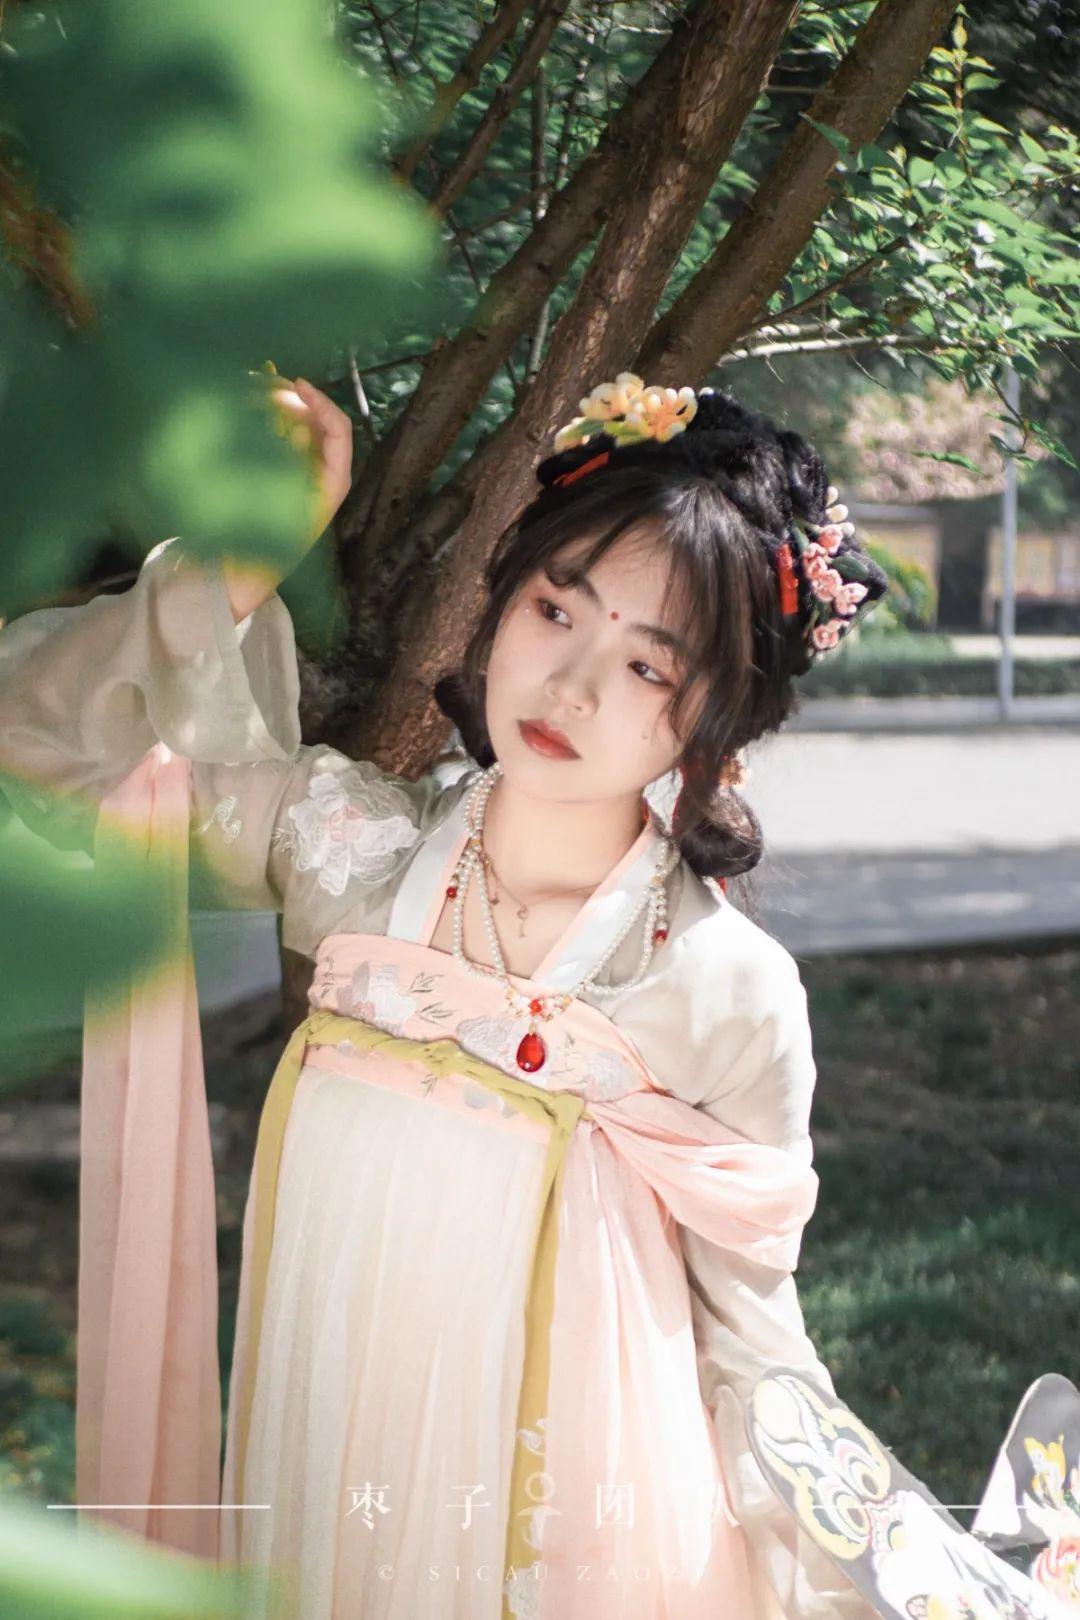 美!美!美!与汉服少女共赏川农晚春图片